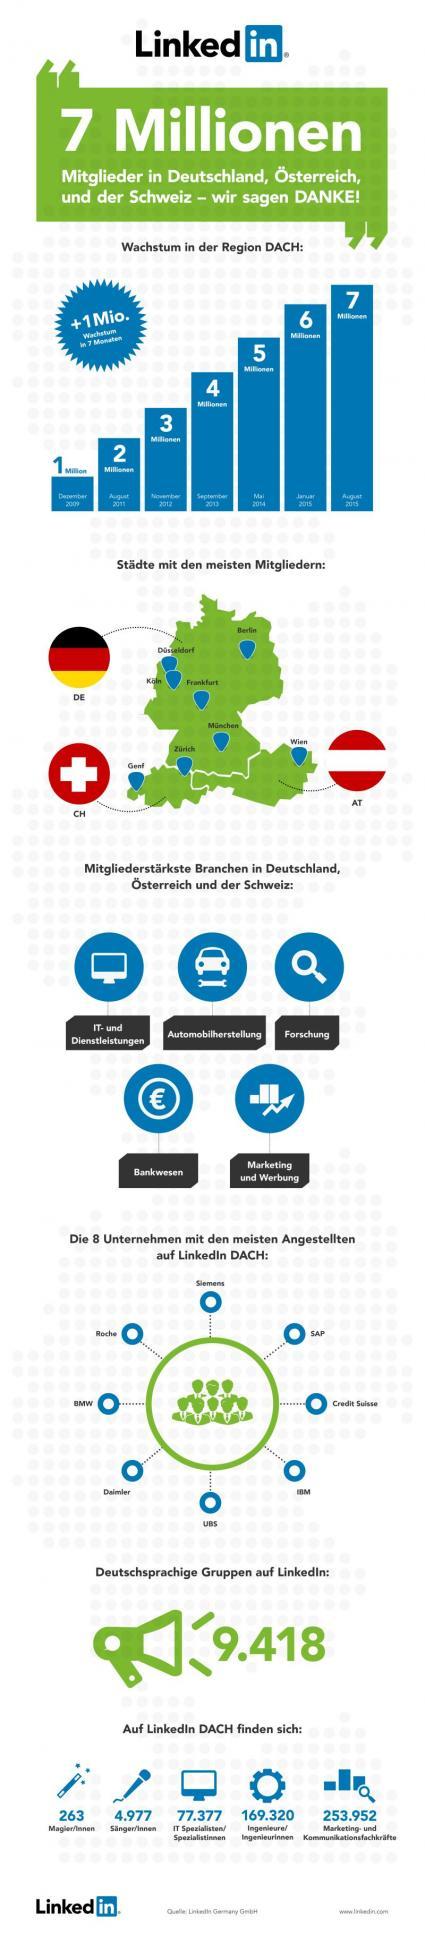 Business-Netzwerk-LinkedIn-erreicht-sieben-Millionen-Mitglieder-in-Deutschland-Oesterreich-und-der-Schweiz